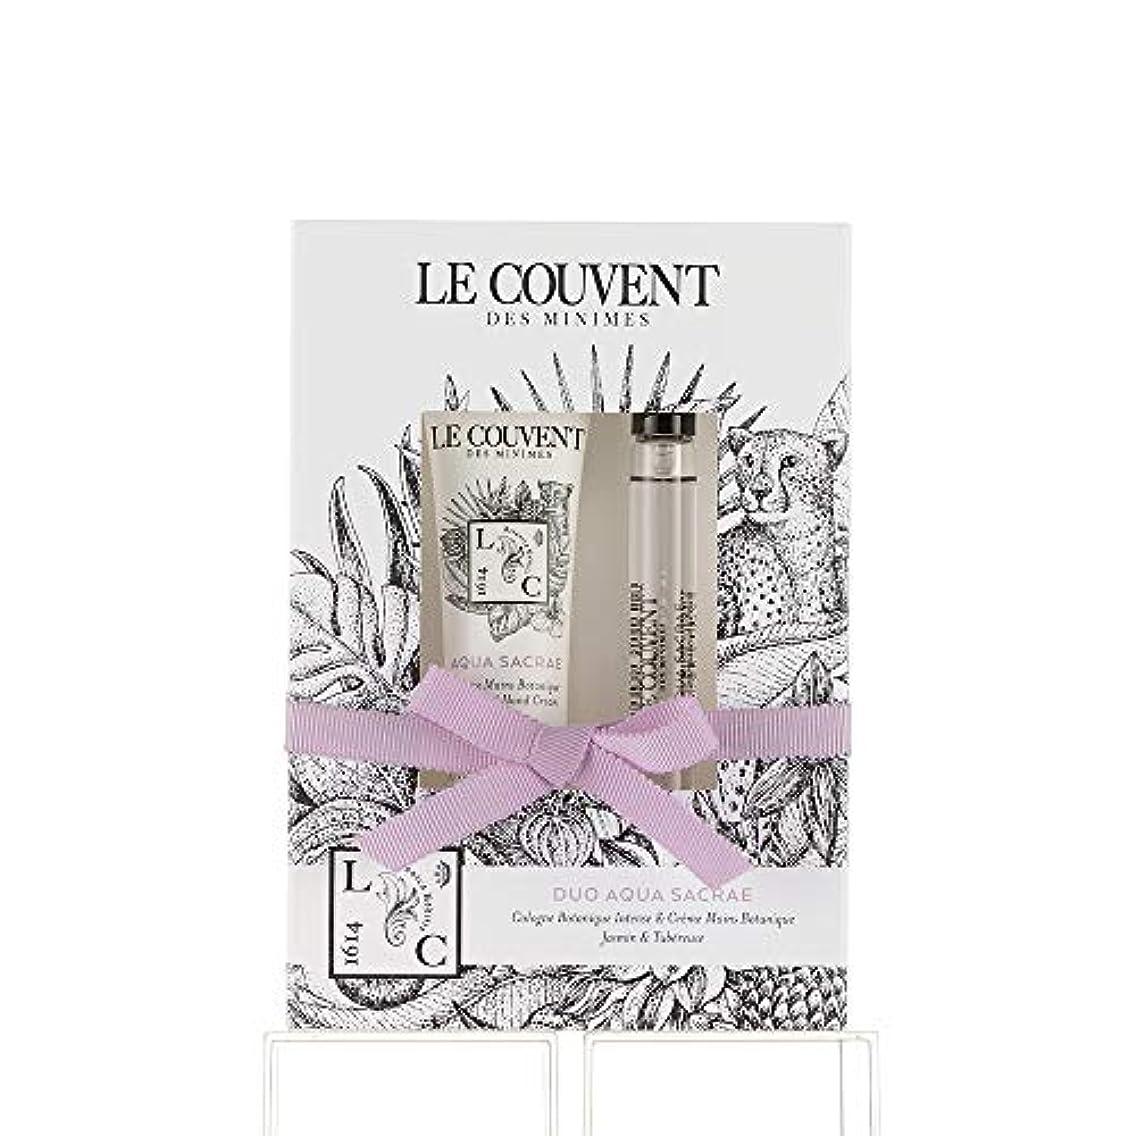 候補者一般的にヘッジクヴォン?デ?ミニム(Le Couvent des Minimes) ボタニカルデュオ アクアサクラエ ボタニカルコロンアクアサクラエ10mL×1、アクアサクラエ ハンドクリーム30g×1